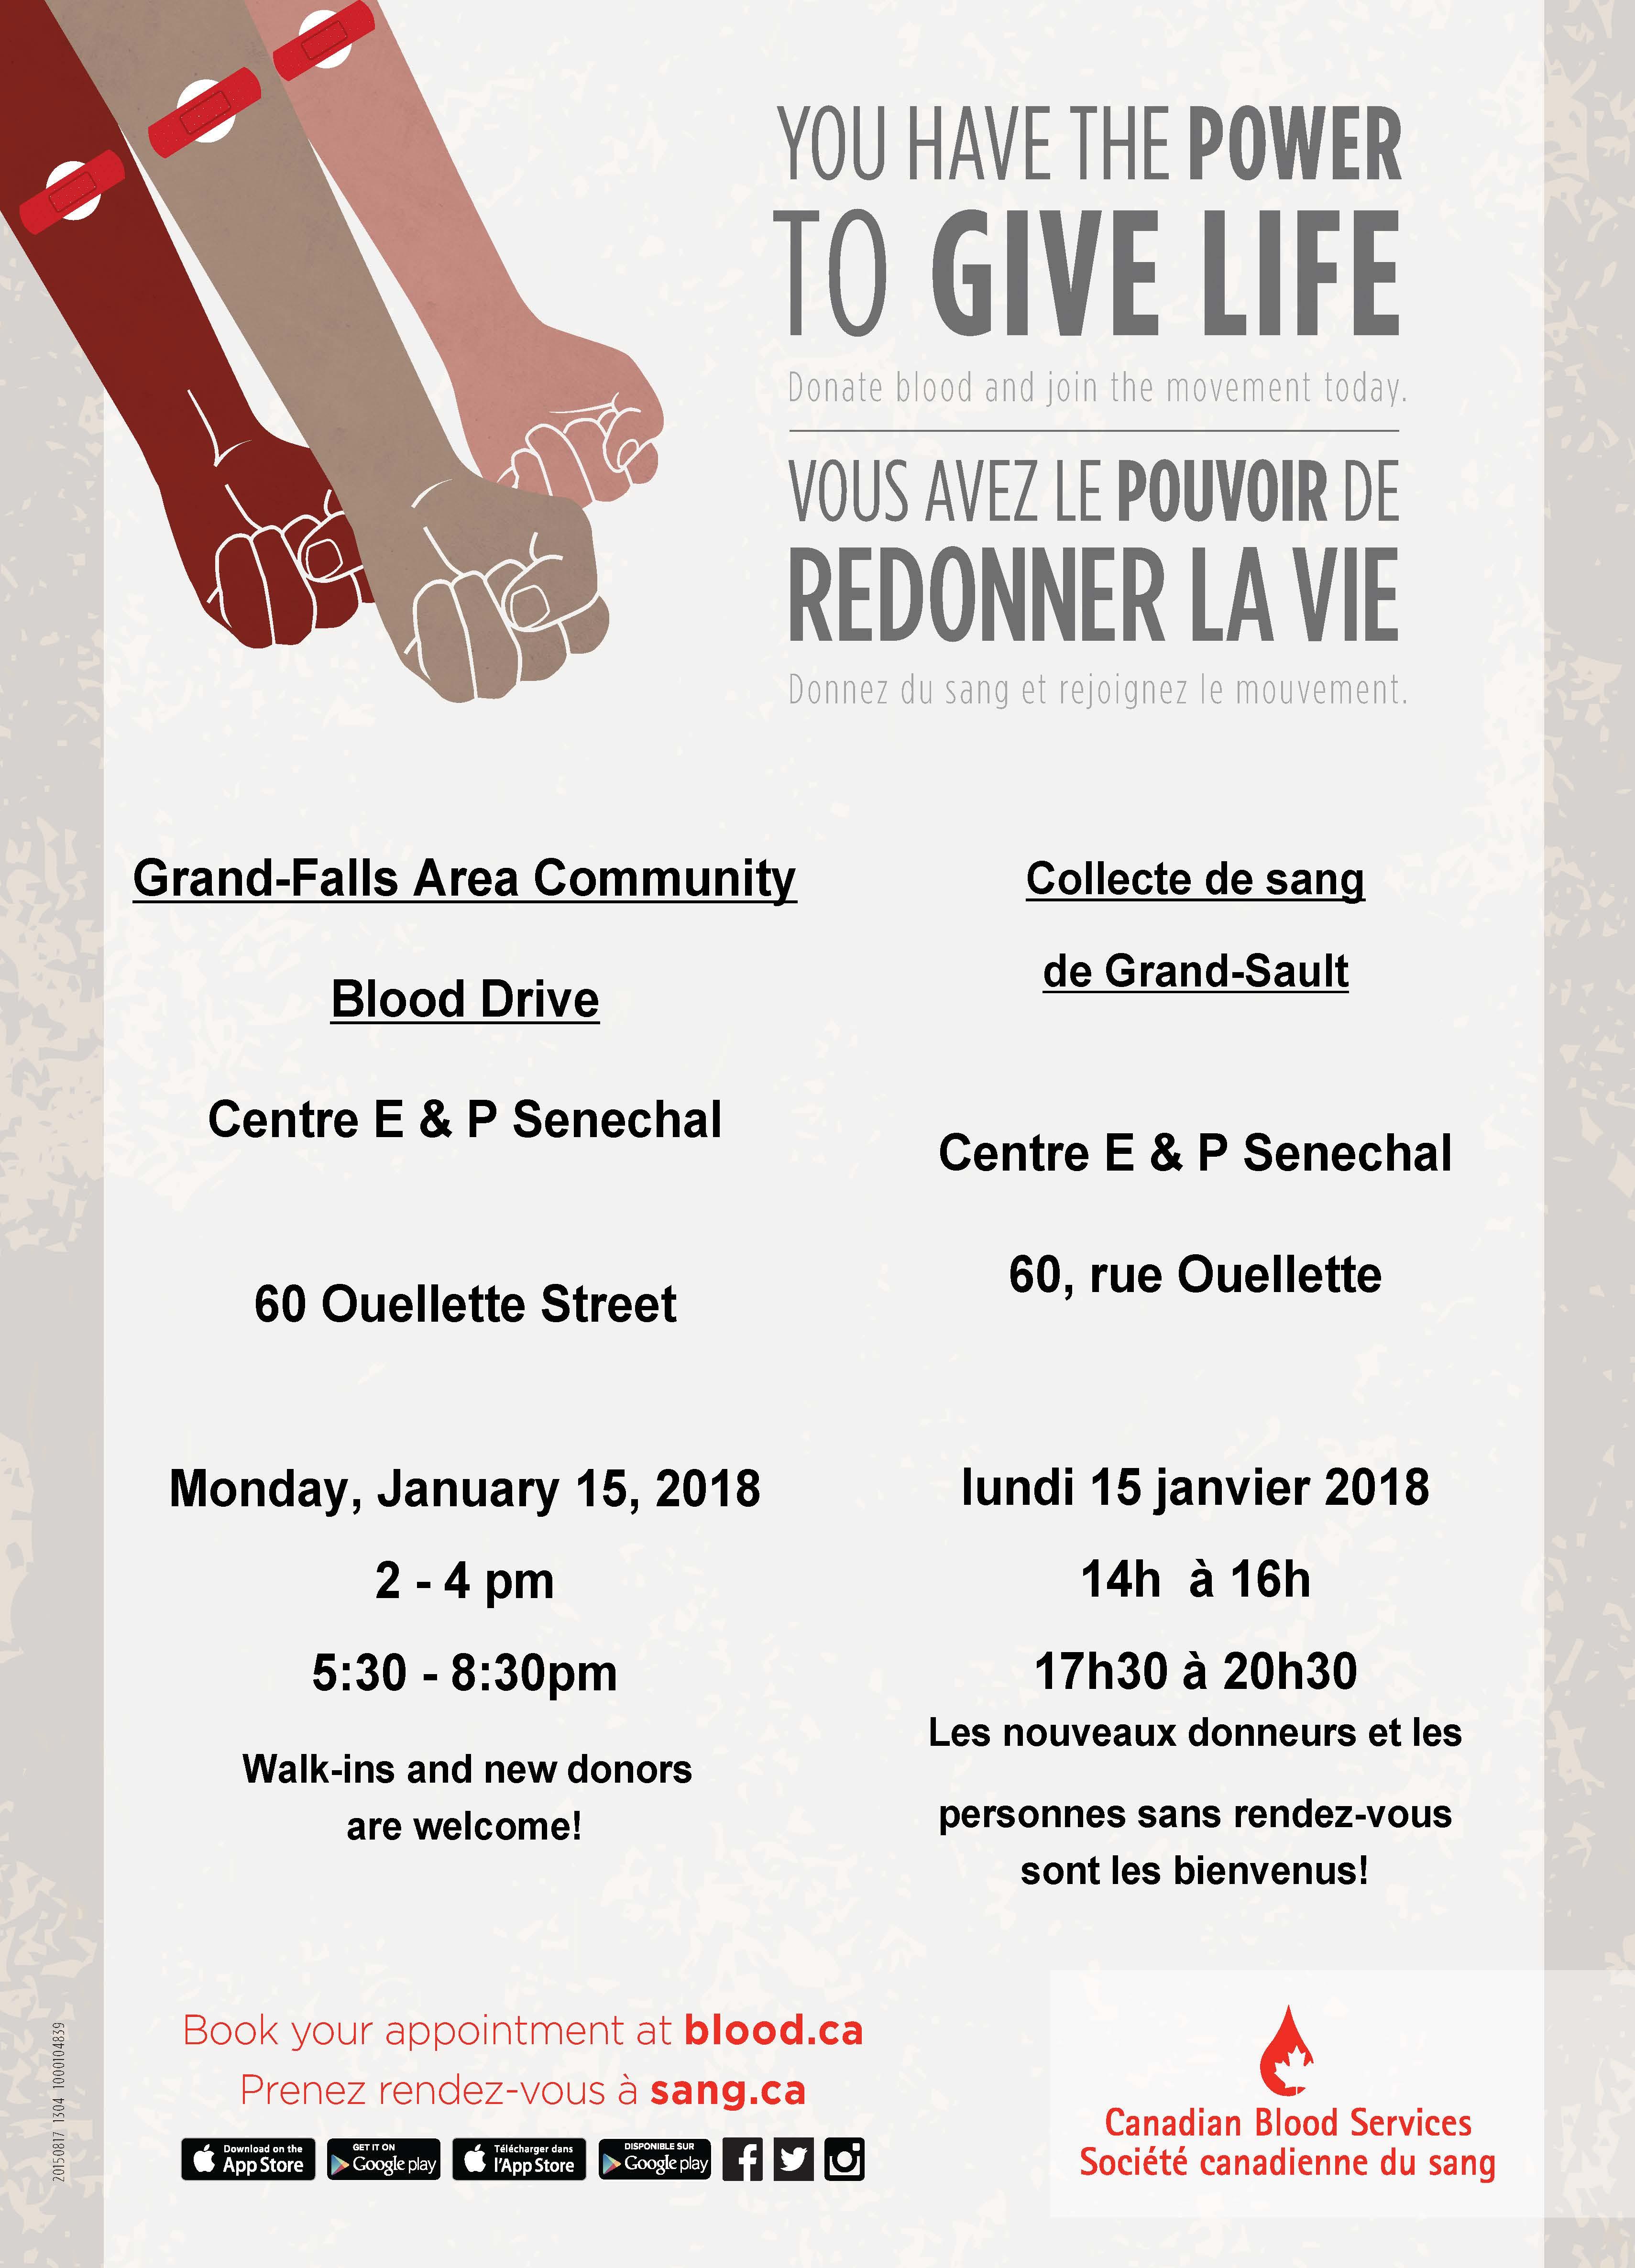 Collecte de sang / Blood Drive | Ville de Grand-Sault / Town